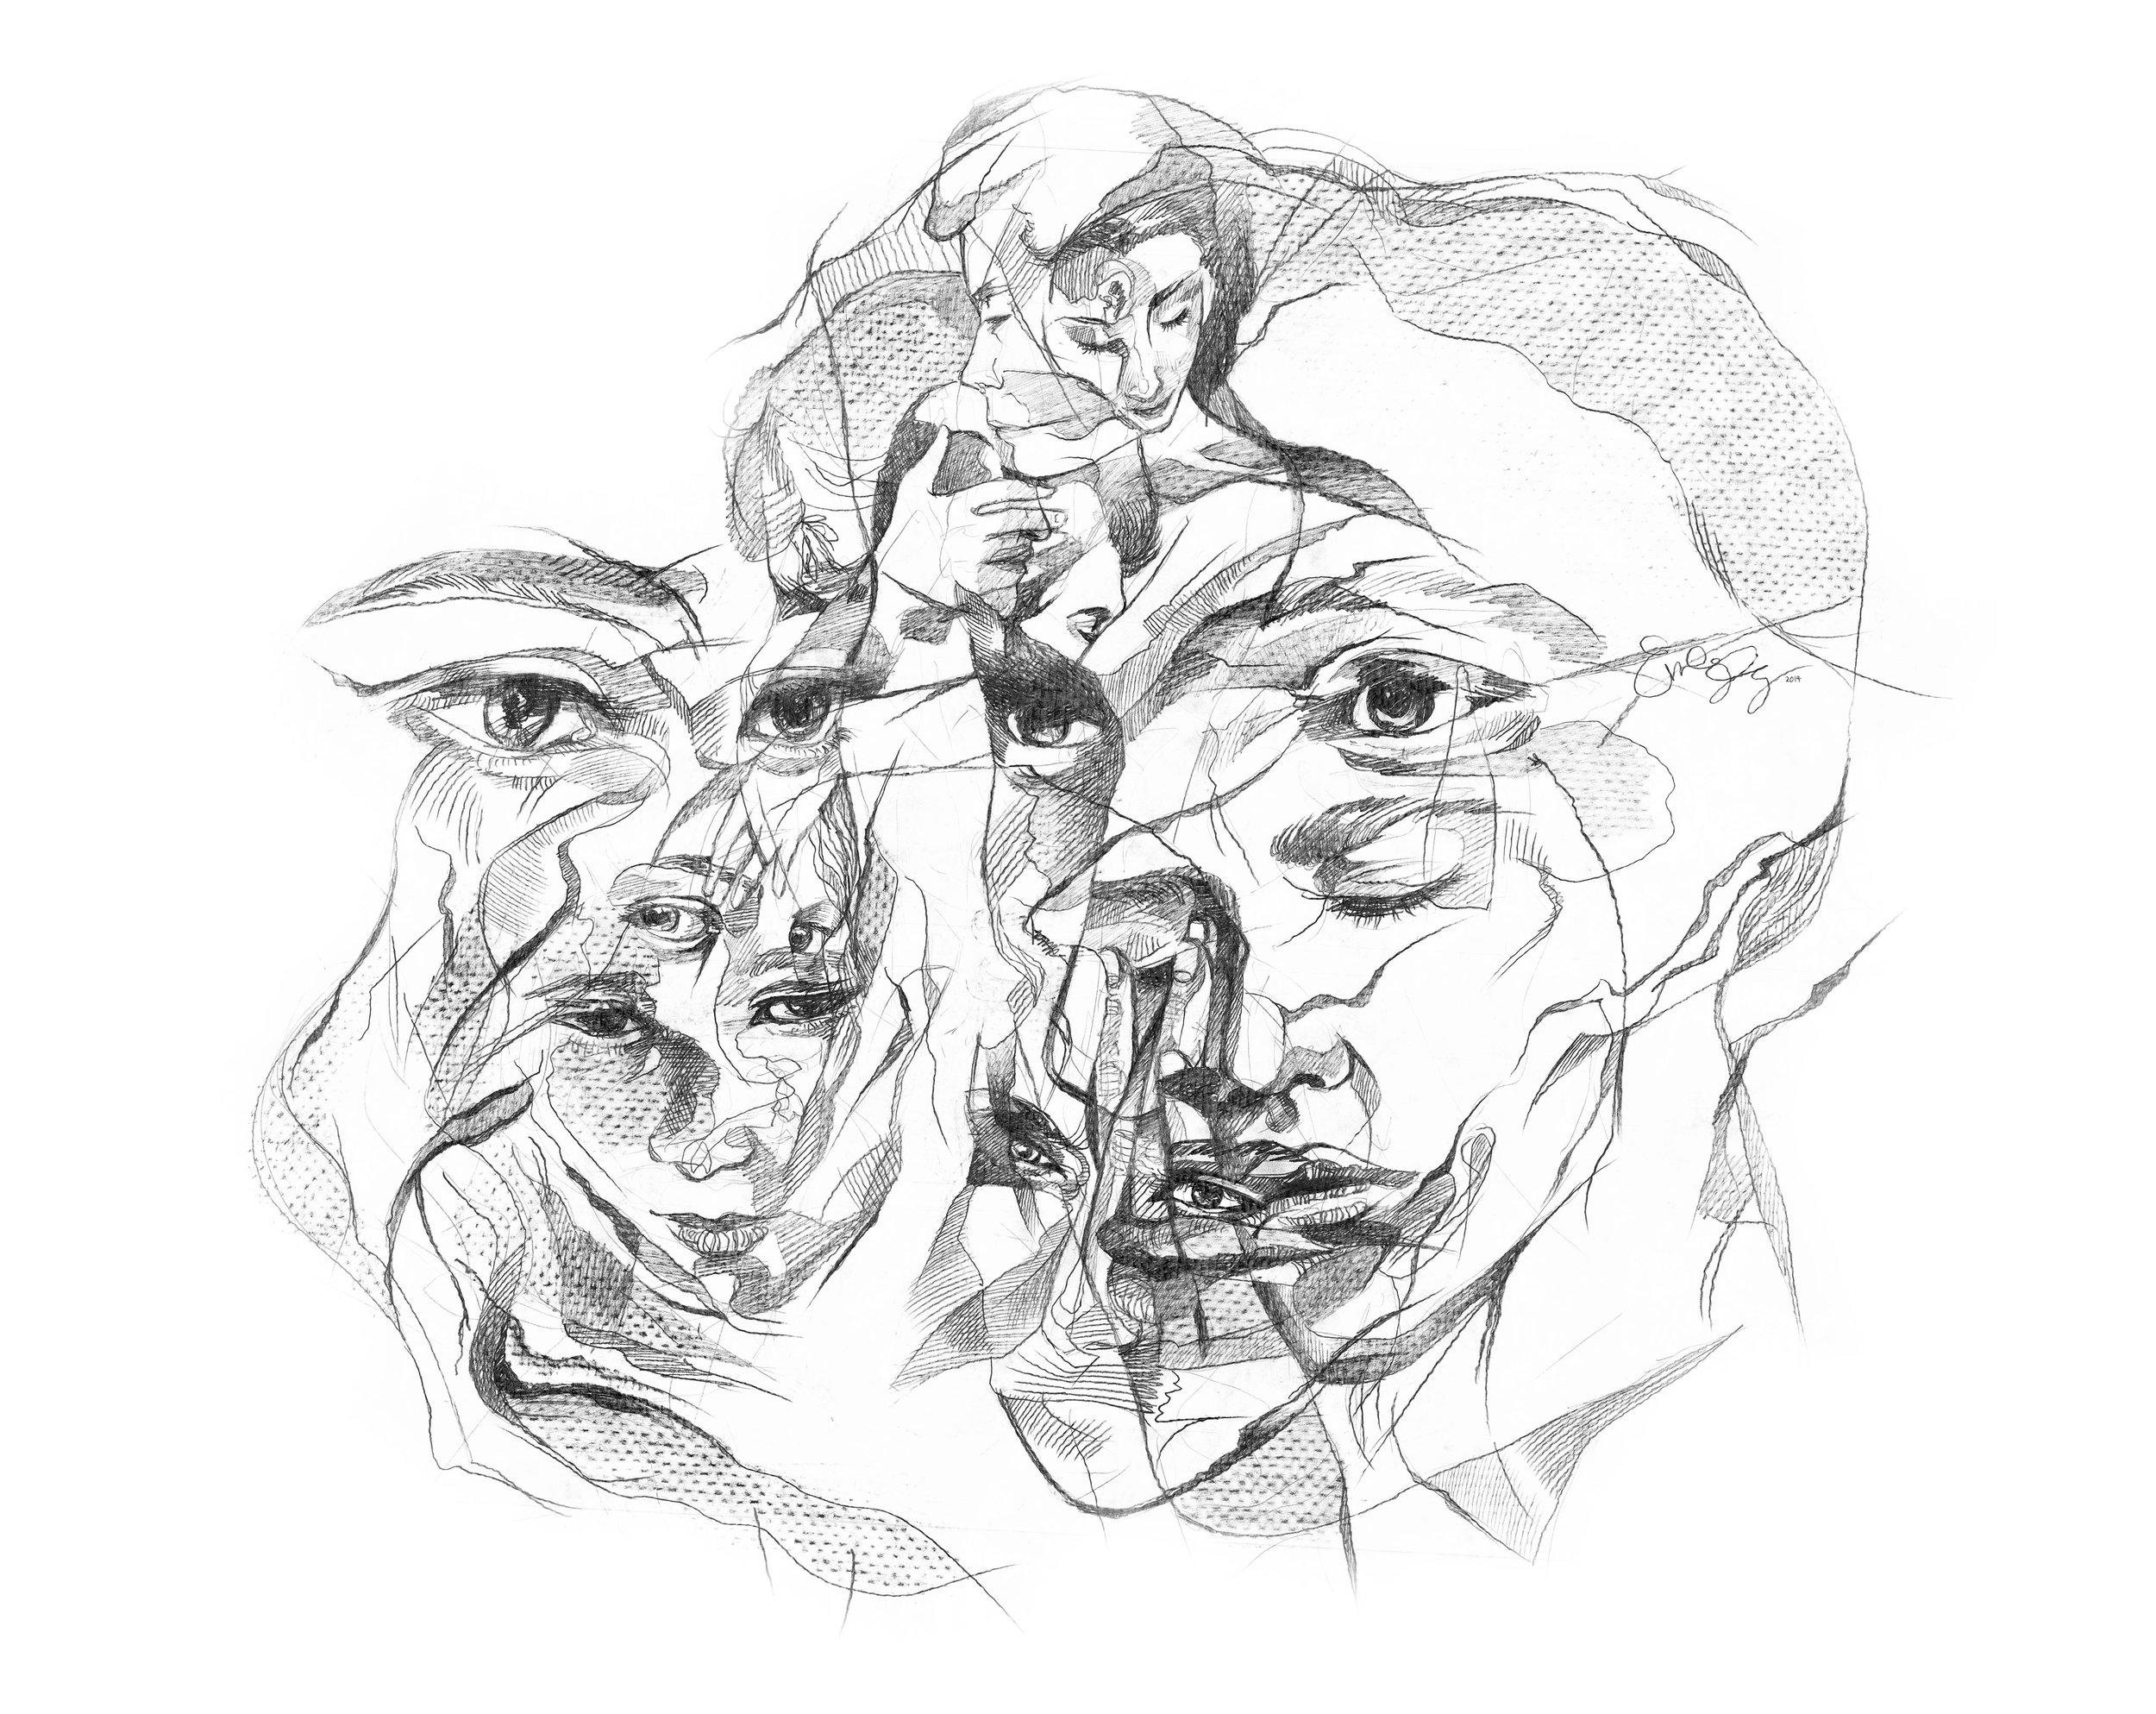 graphite-scanned-art-01-6-imageoptim.jpg